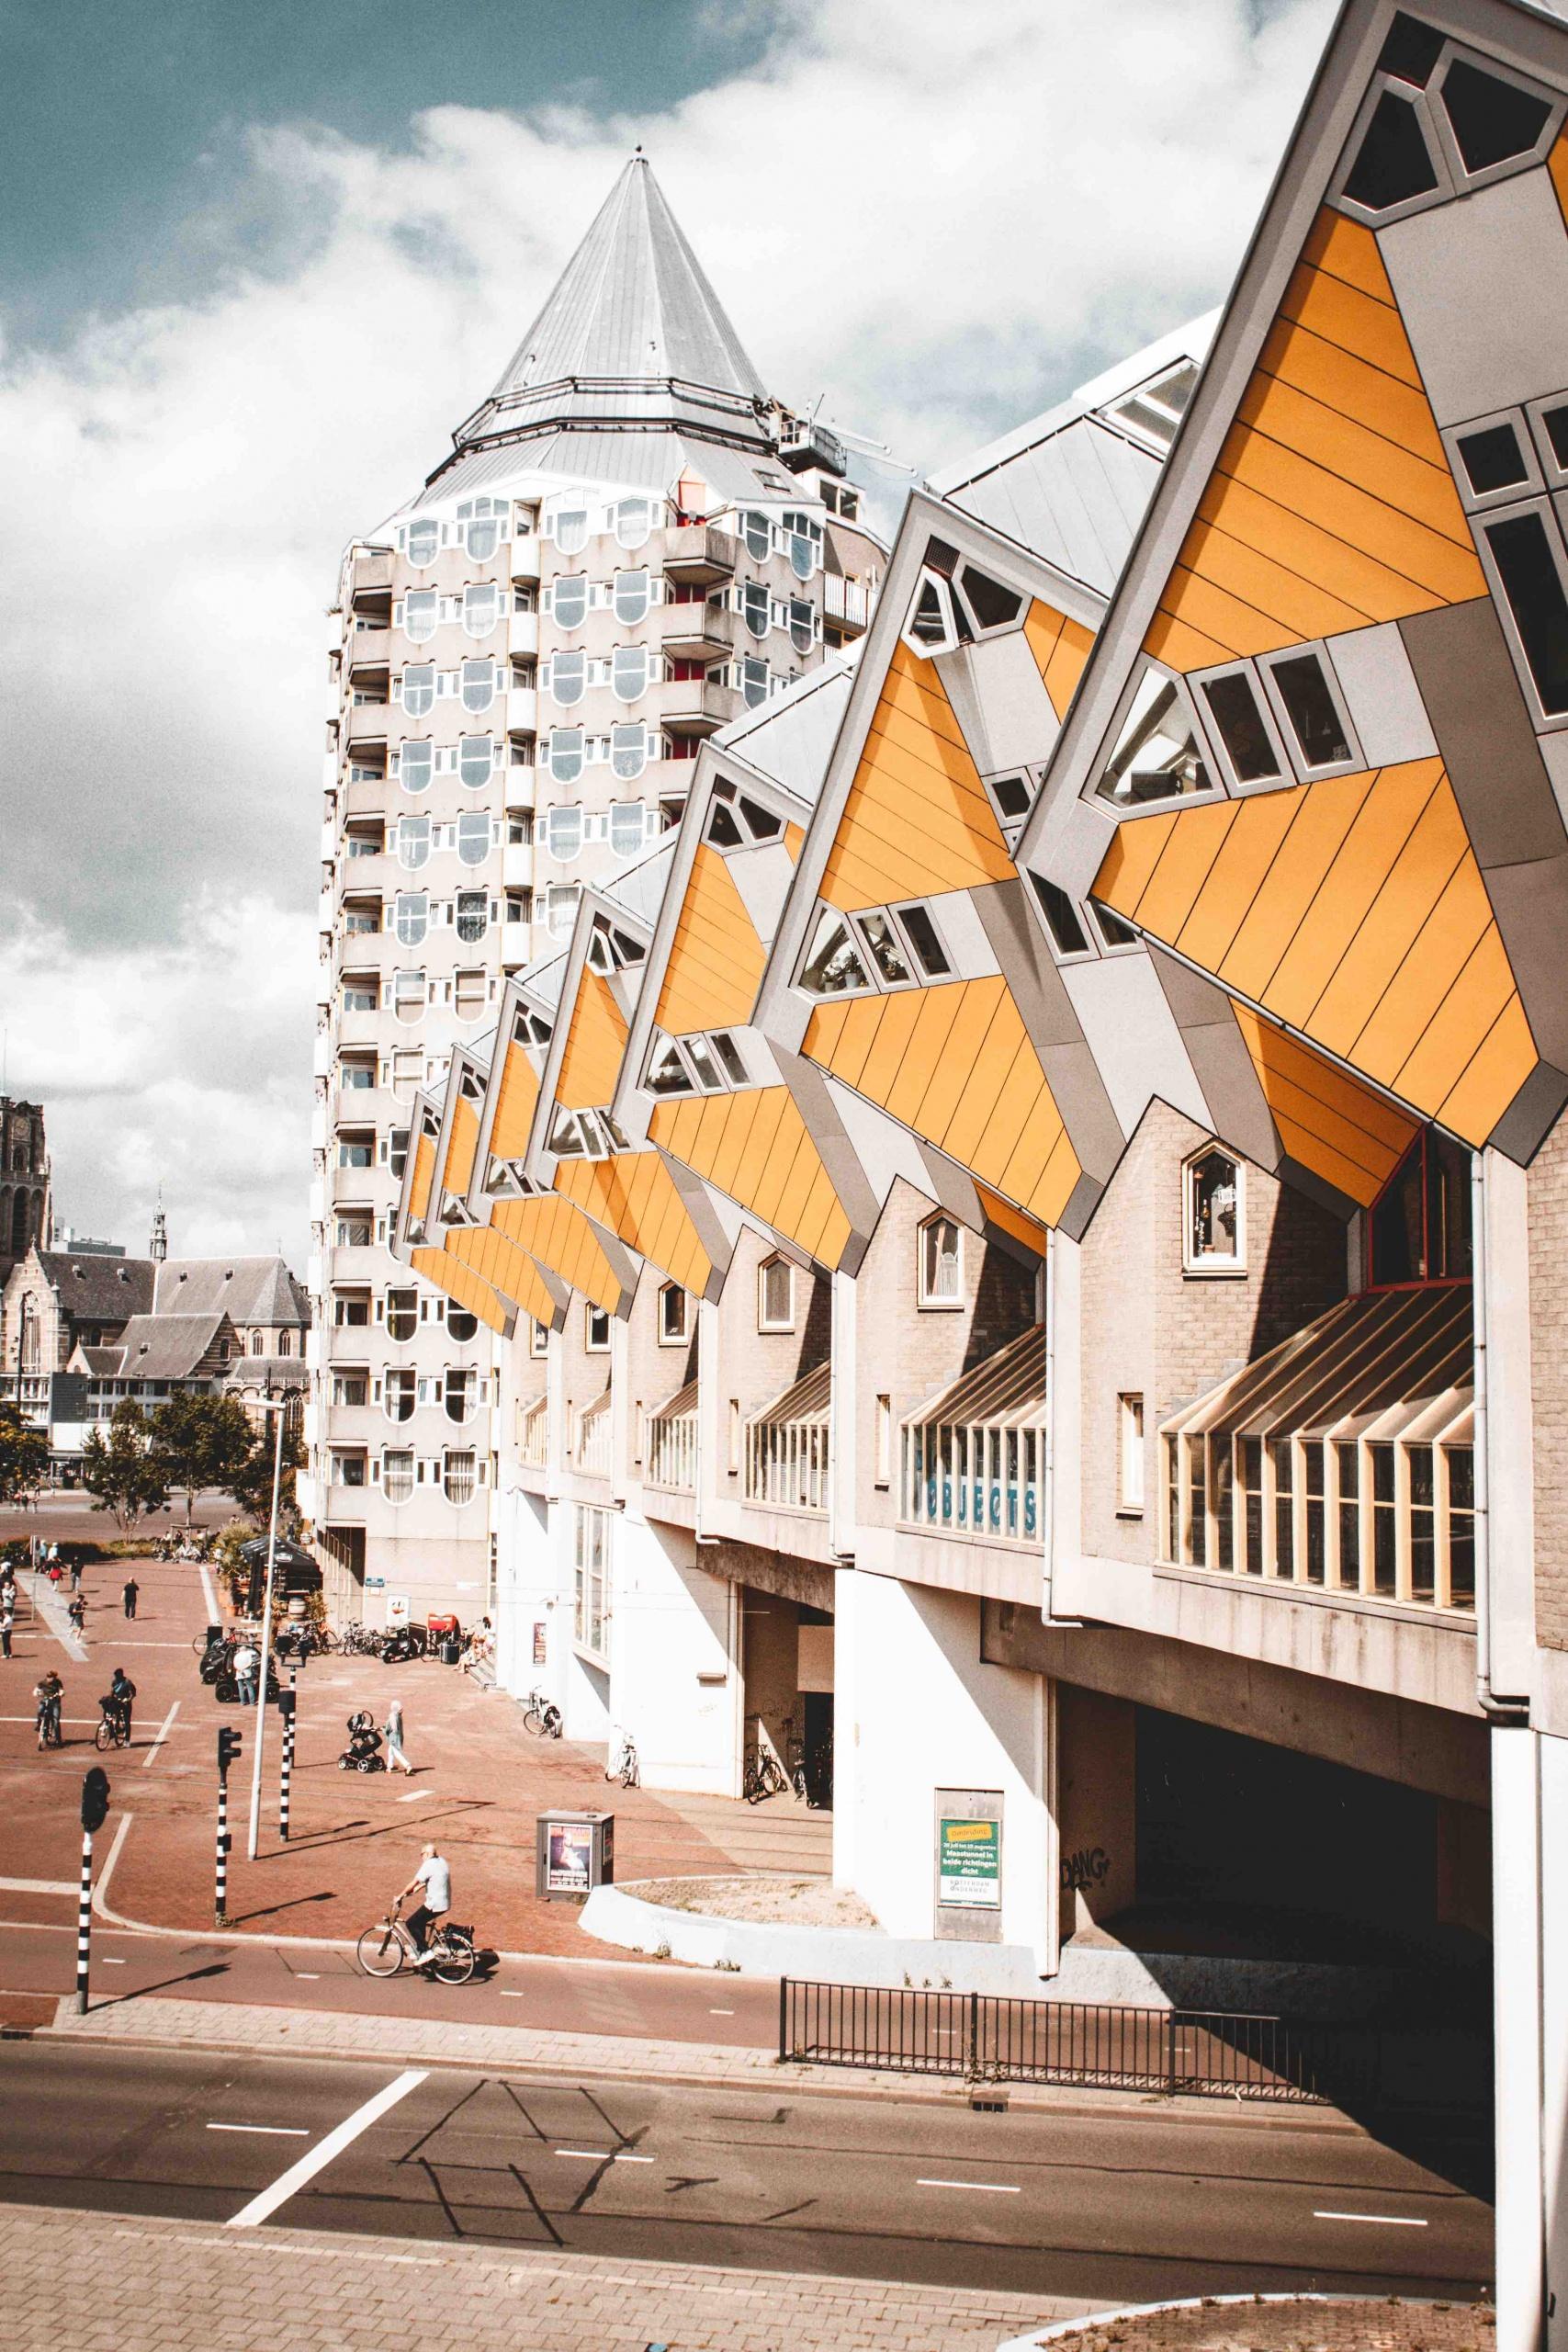 itinerario architettonico di Rotterdam: visita alle case cubo